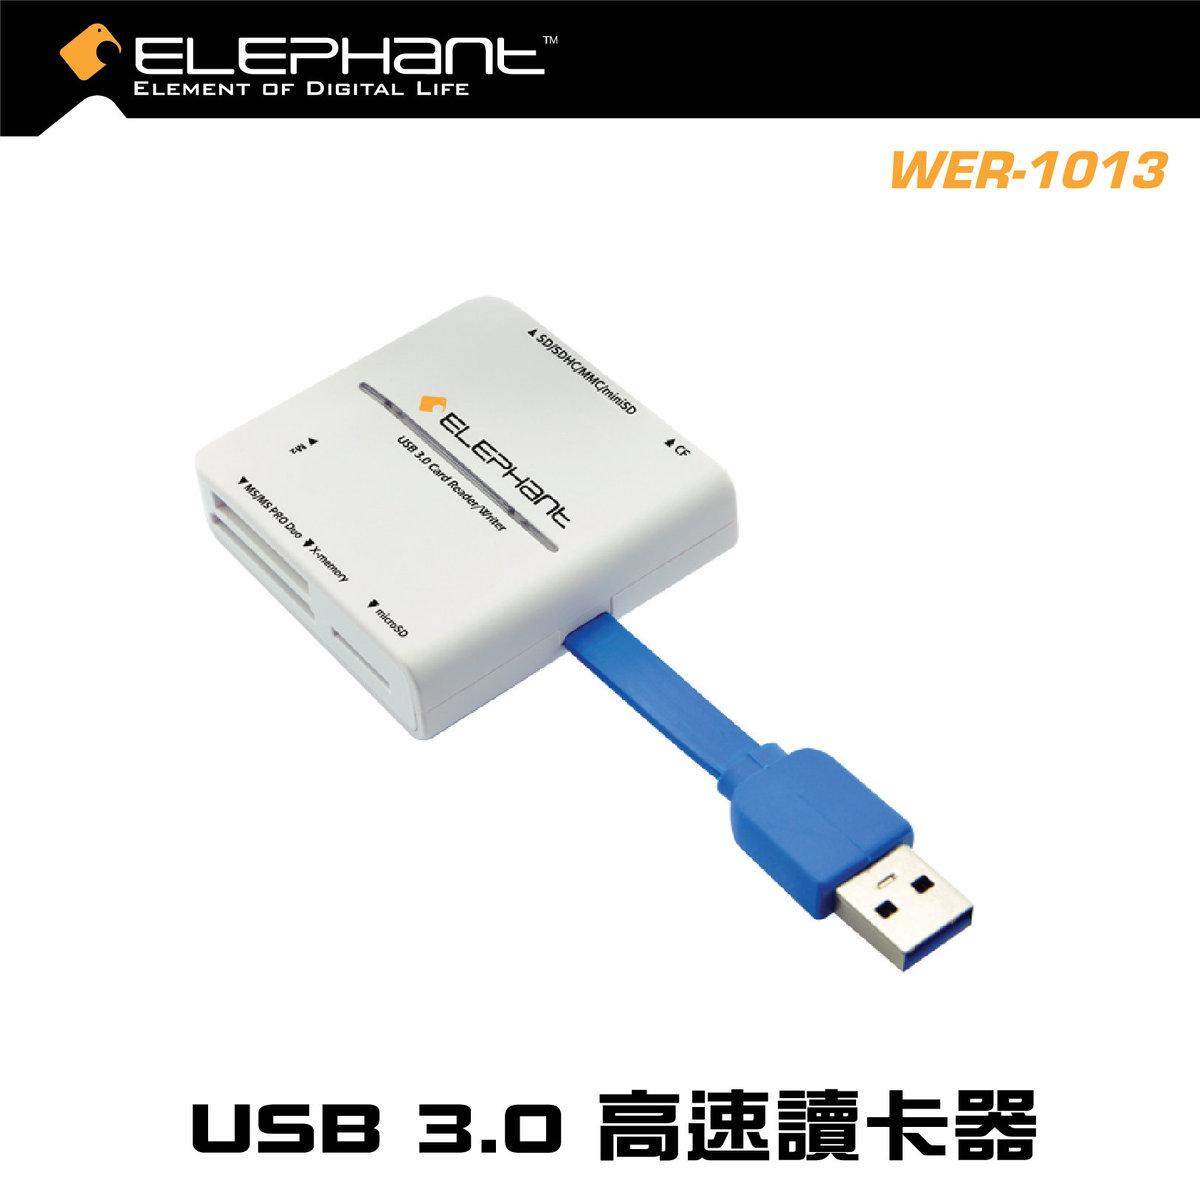 WER-1013-WH Hi-Speed USB 3.0 Card Reader